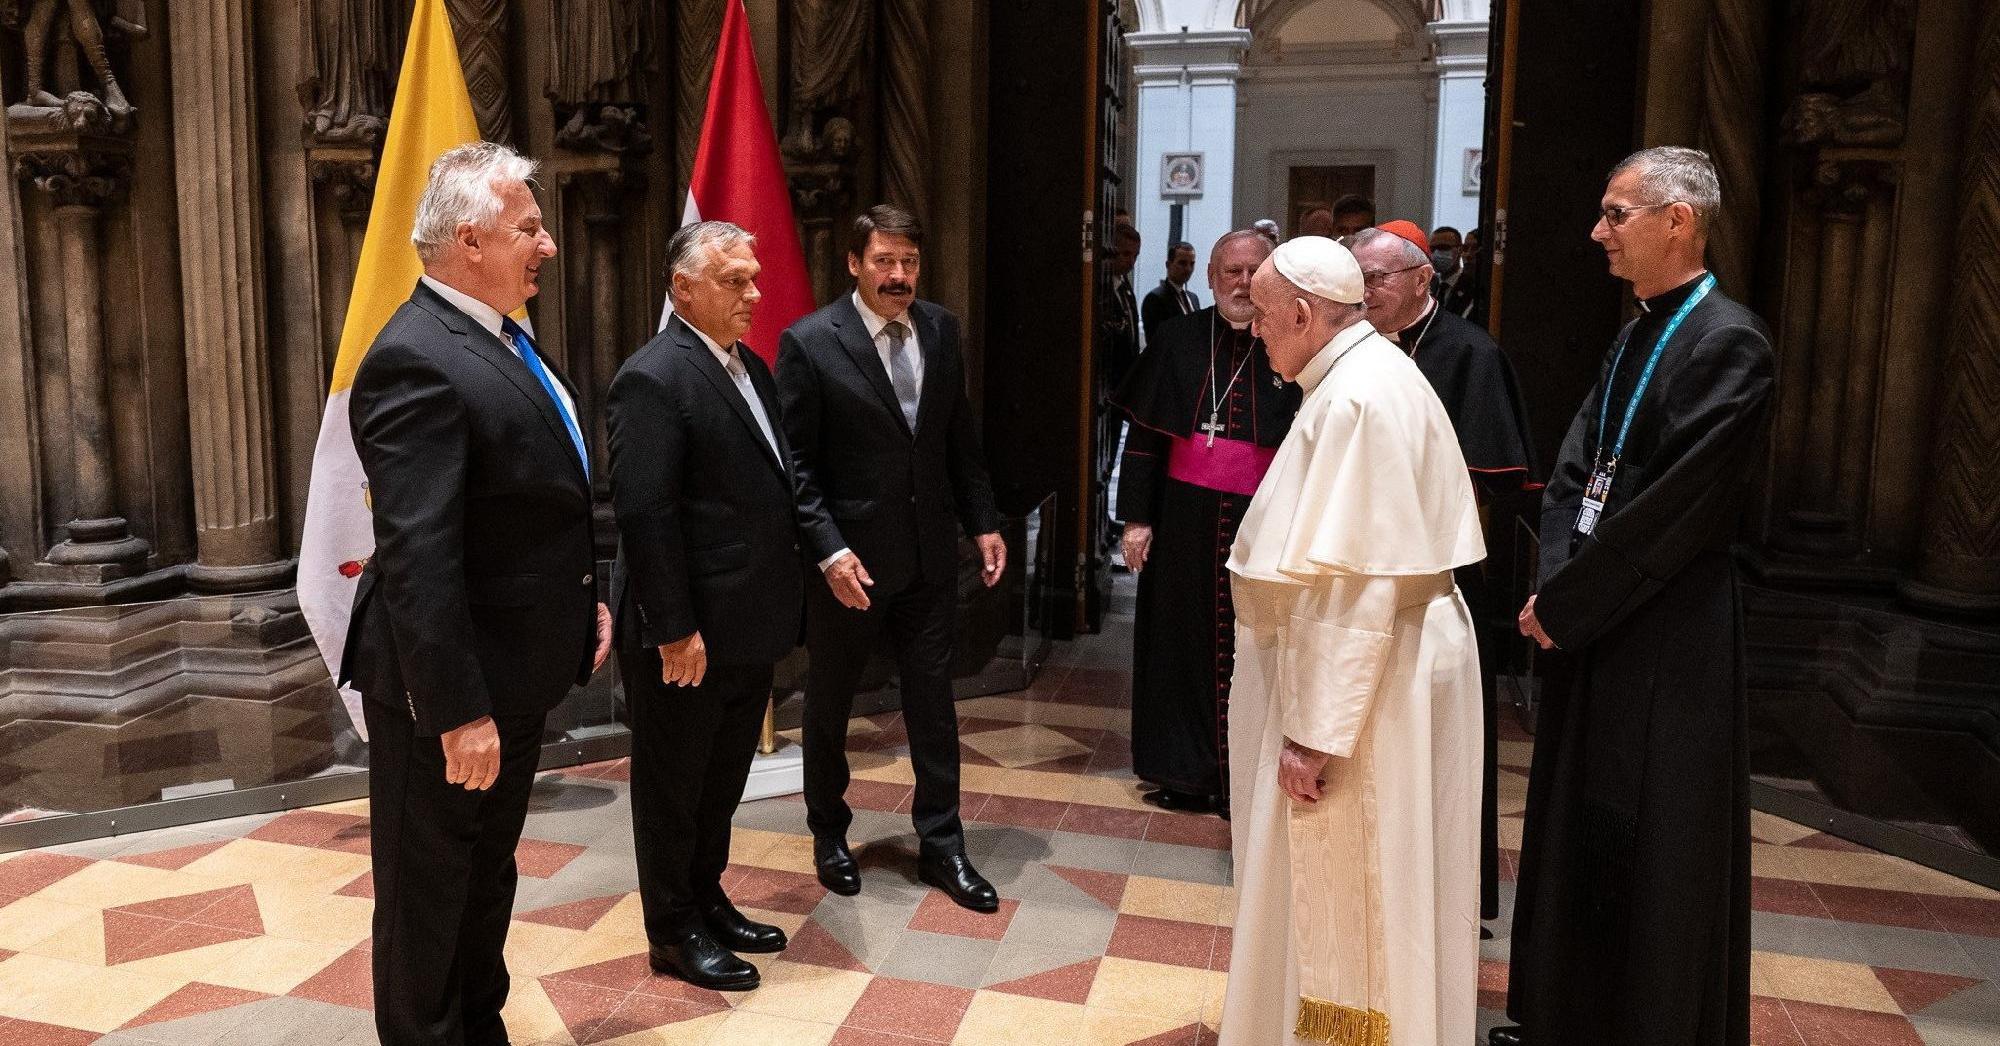 A pápa elkerülhetetlen protokollnak tekintette az Orbánnal való találkozást